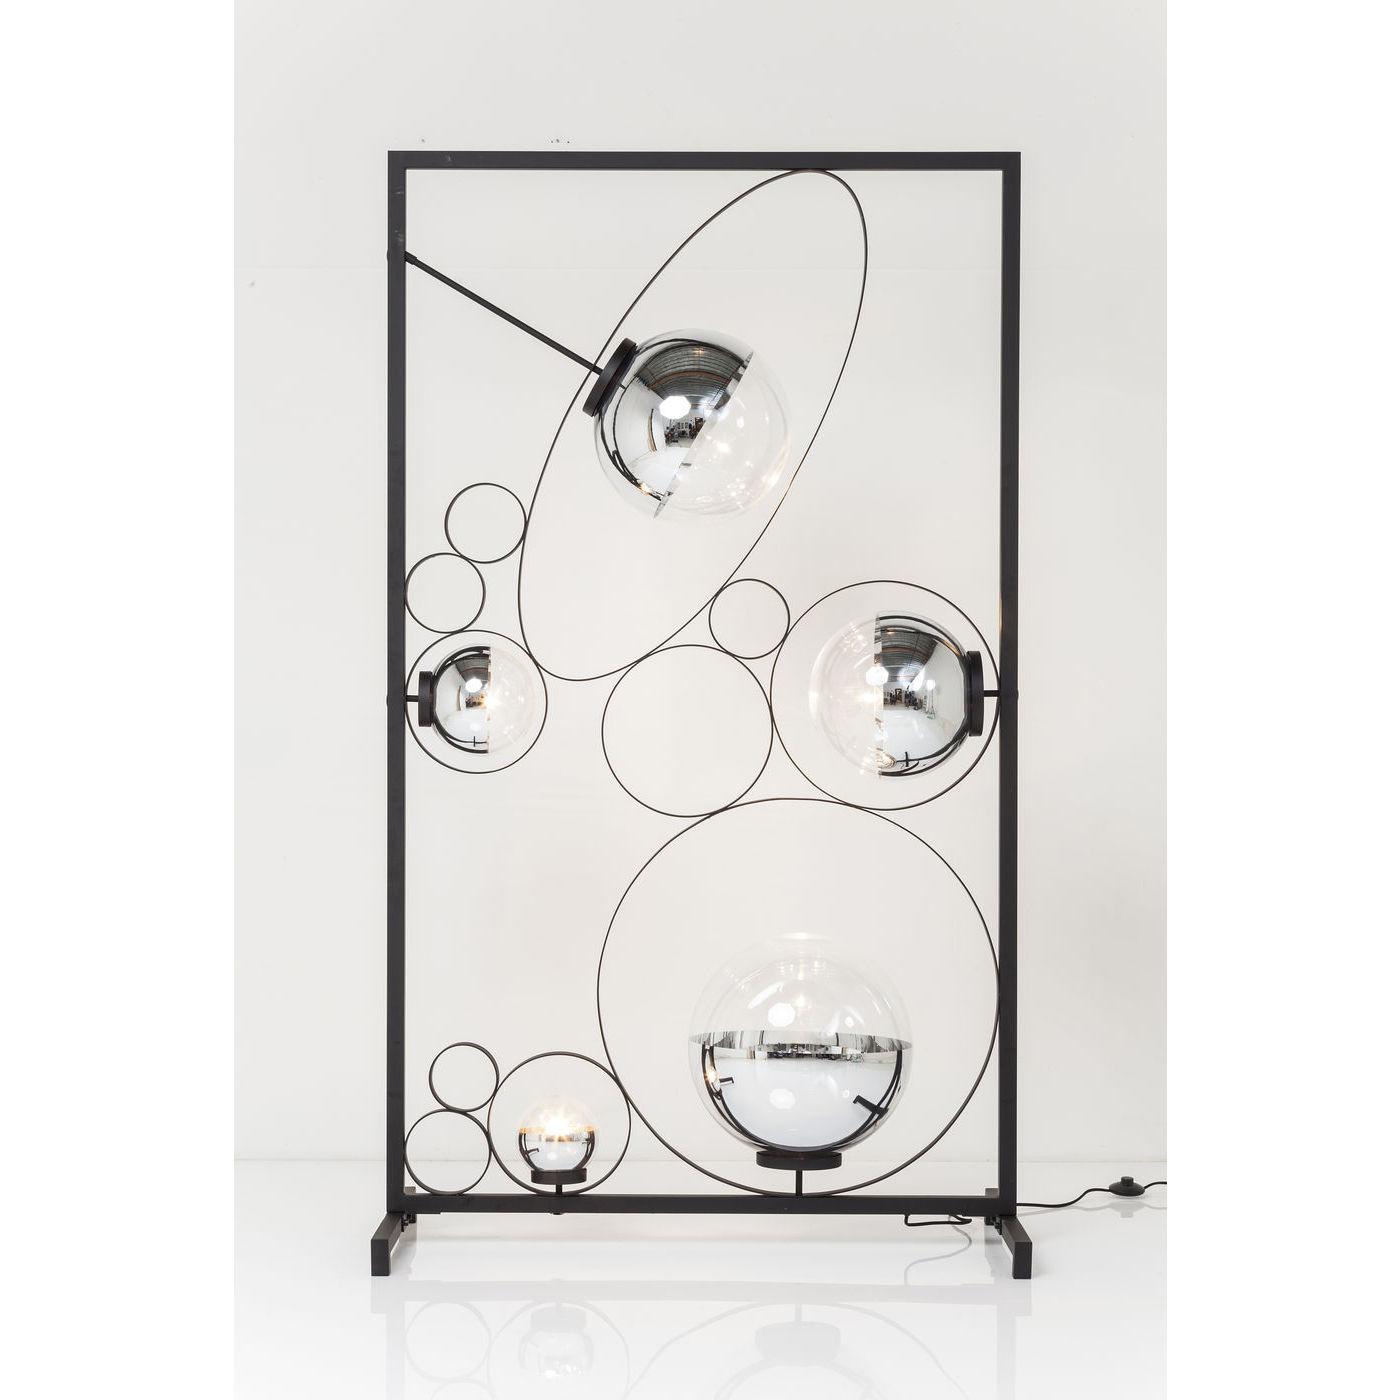 KARE DESIGN Balloon Clear Square LED gulvlampe - slv/klar akryl og stl